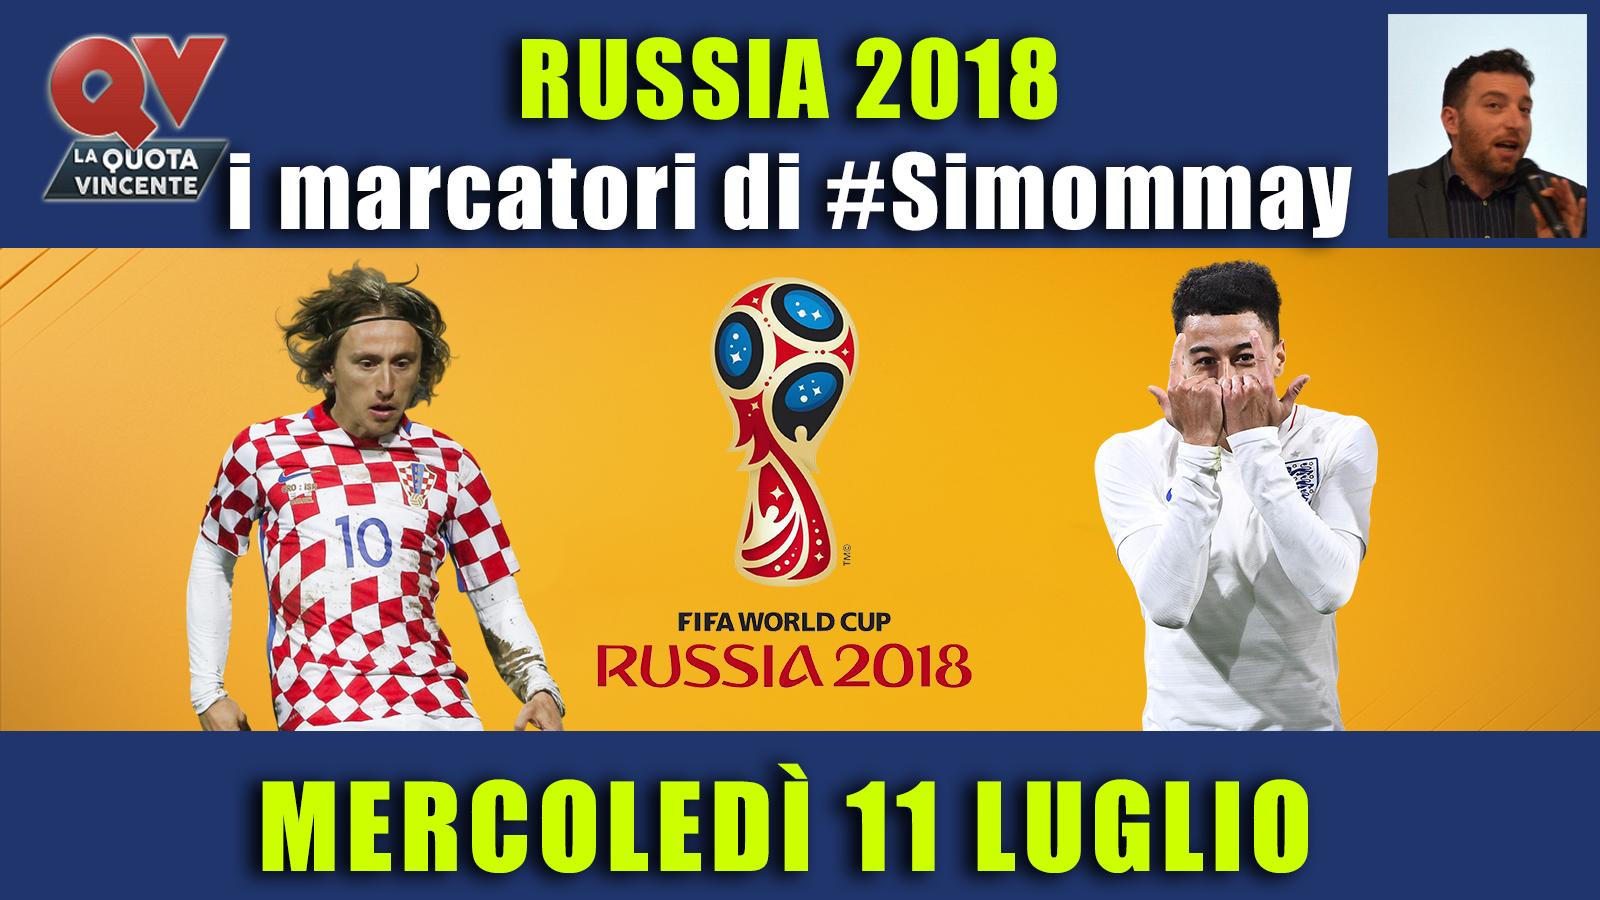 Pronostici marcatori Mondiali 11 luglio: i marcatori di #simommay